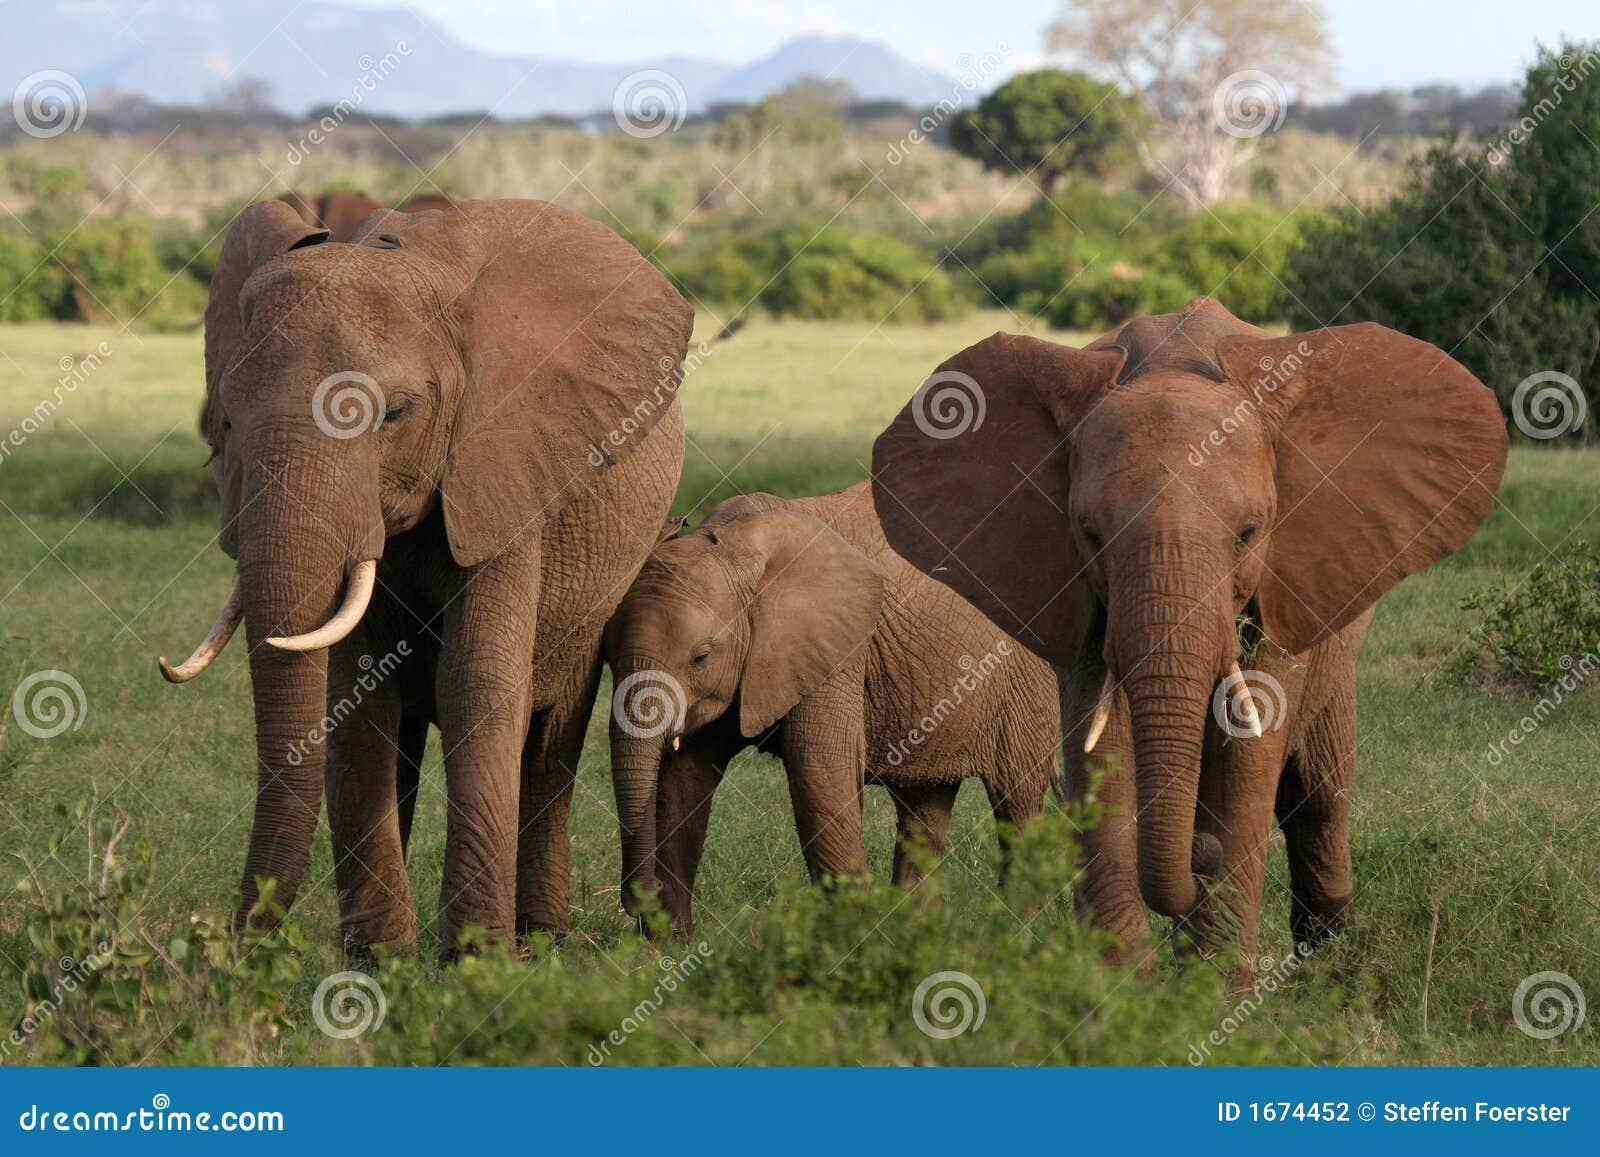 Tres elefantes africanos en el pasto, parque nacional de Tsavo, Kenia.